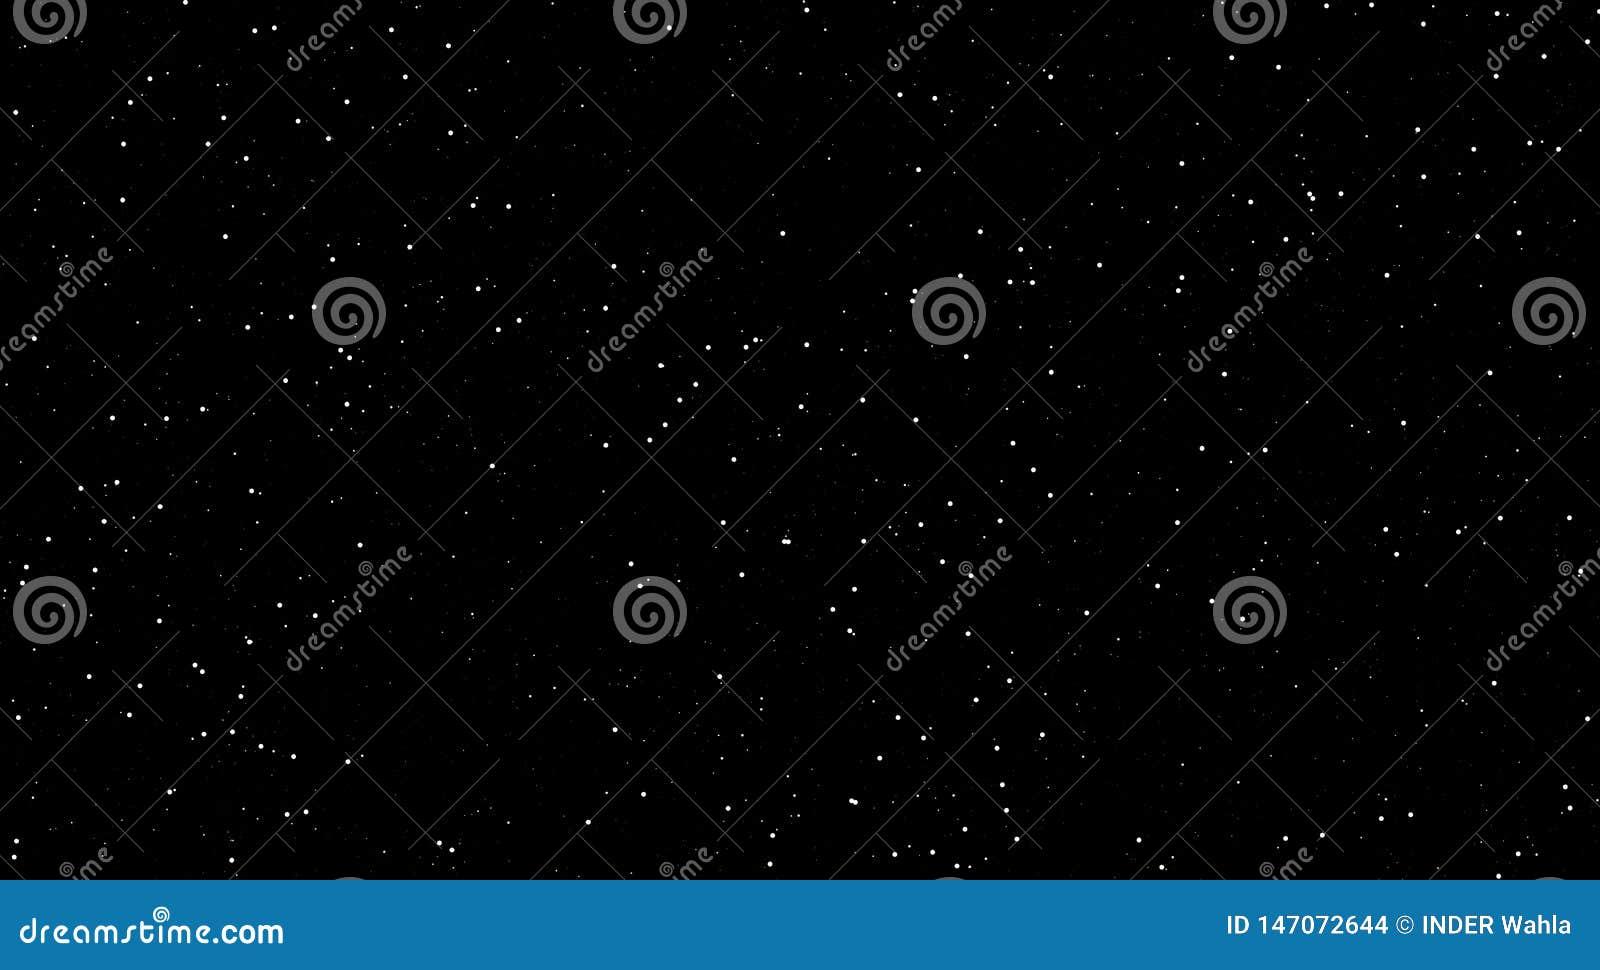 Sc?nes de nuit, ?toiles brillantes dans la nuit, fond noir avec les ?toiles lumineuses nuit impressionnante